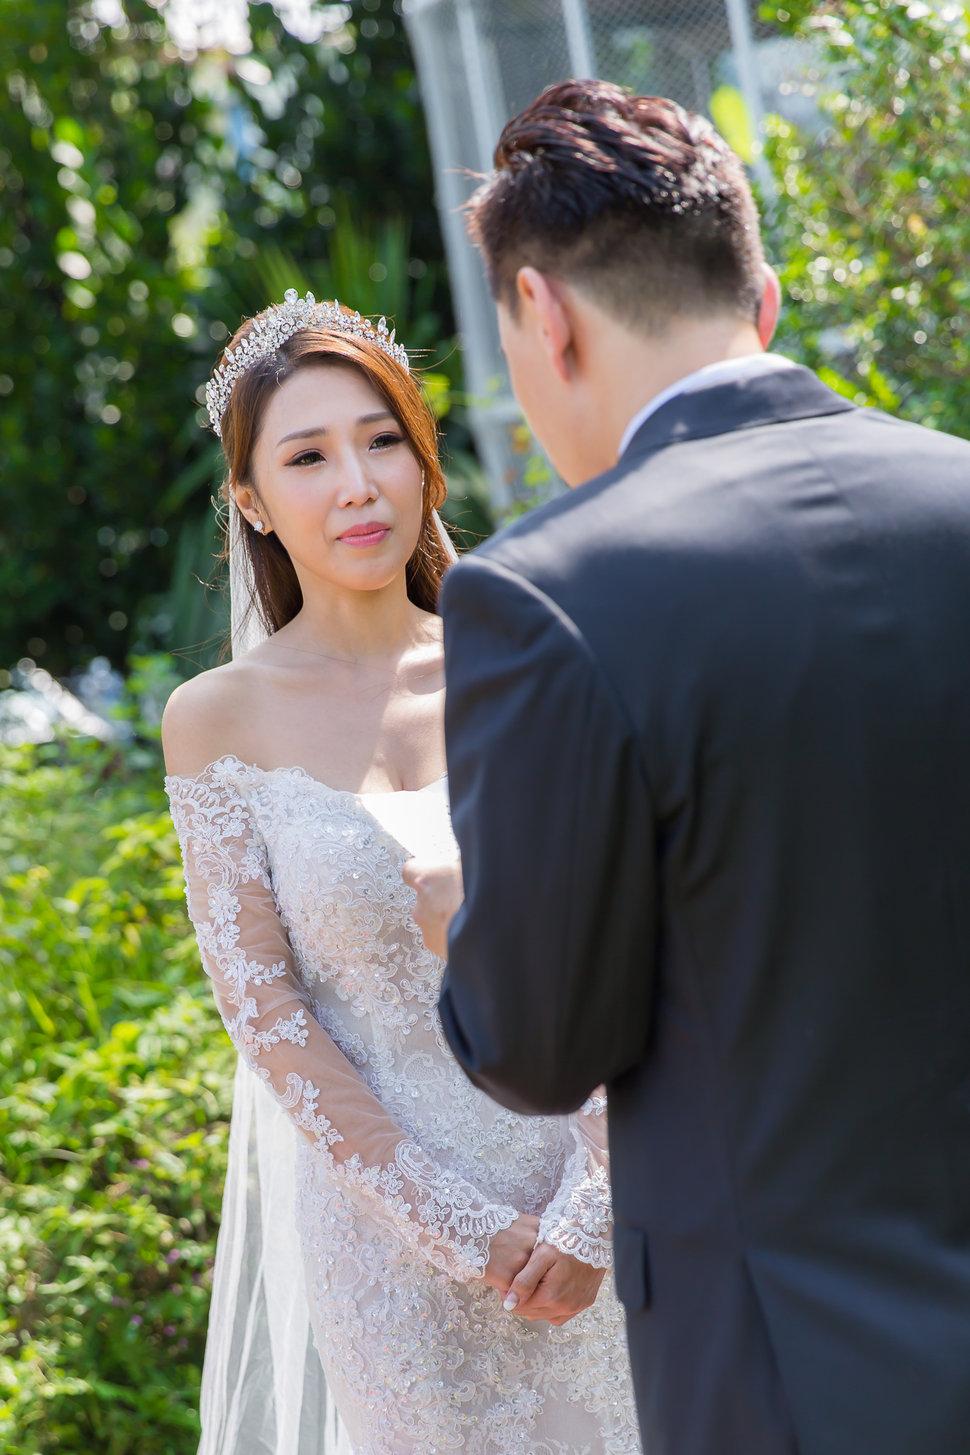 兆康&鈴芳_婚儀_新莊香草花緣餐廳(編號:287468) - Baby Sweety 婚禮記錄 - 結婚吧